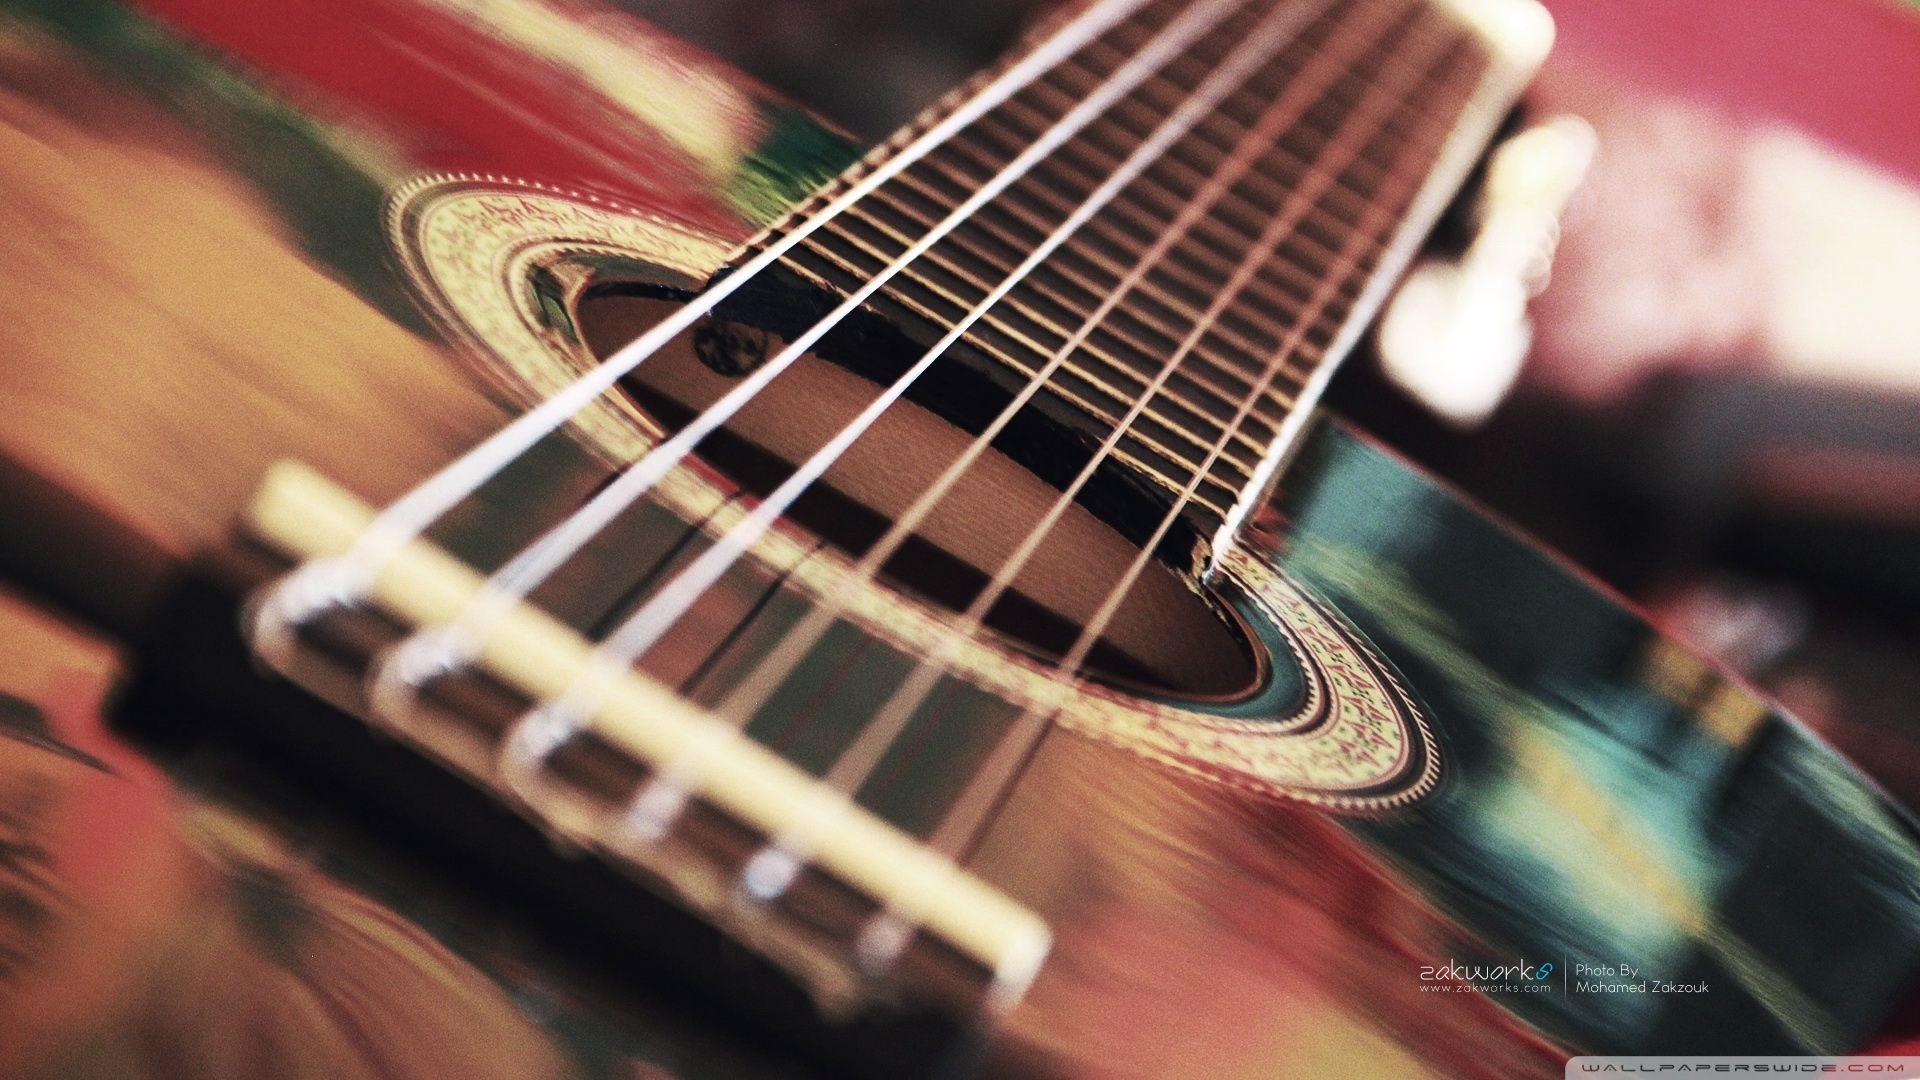 Guitar Hd Wallpapers 1080p Wallpaper Cave